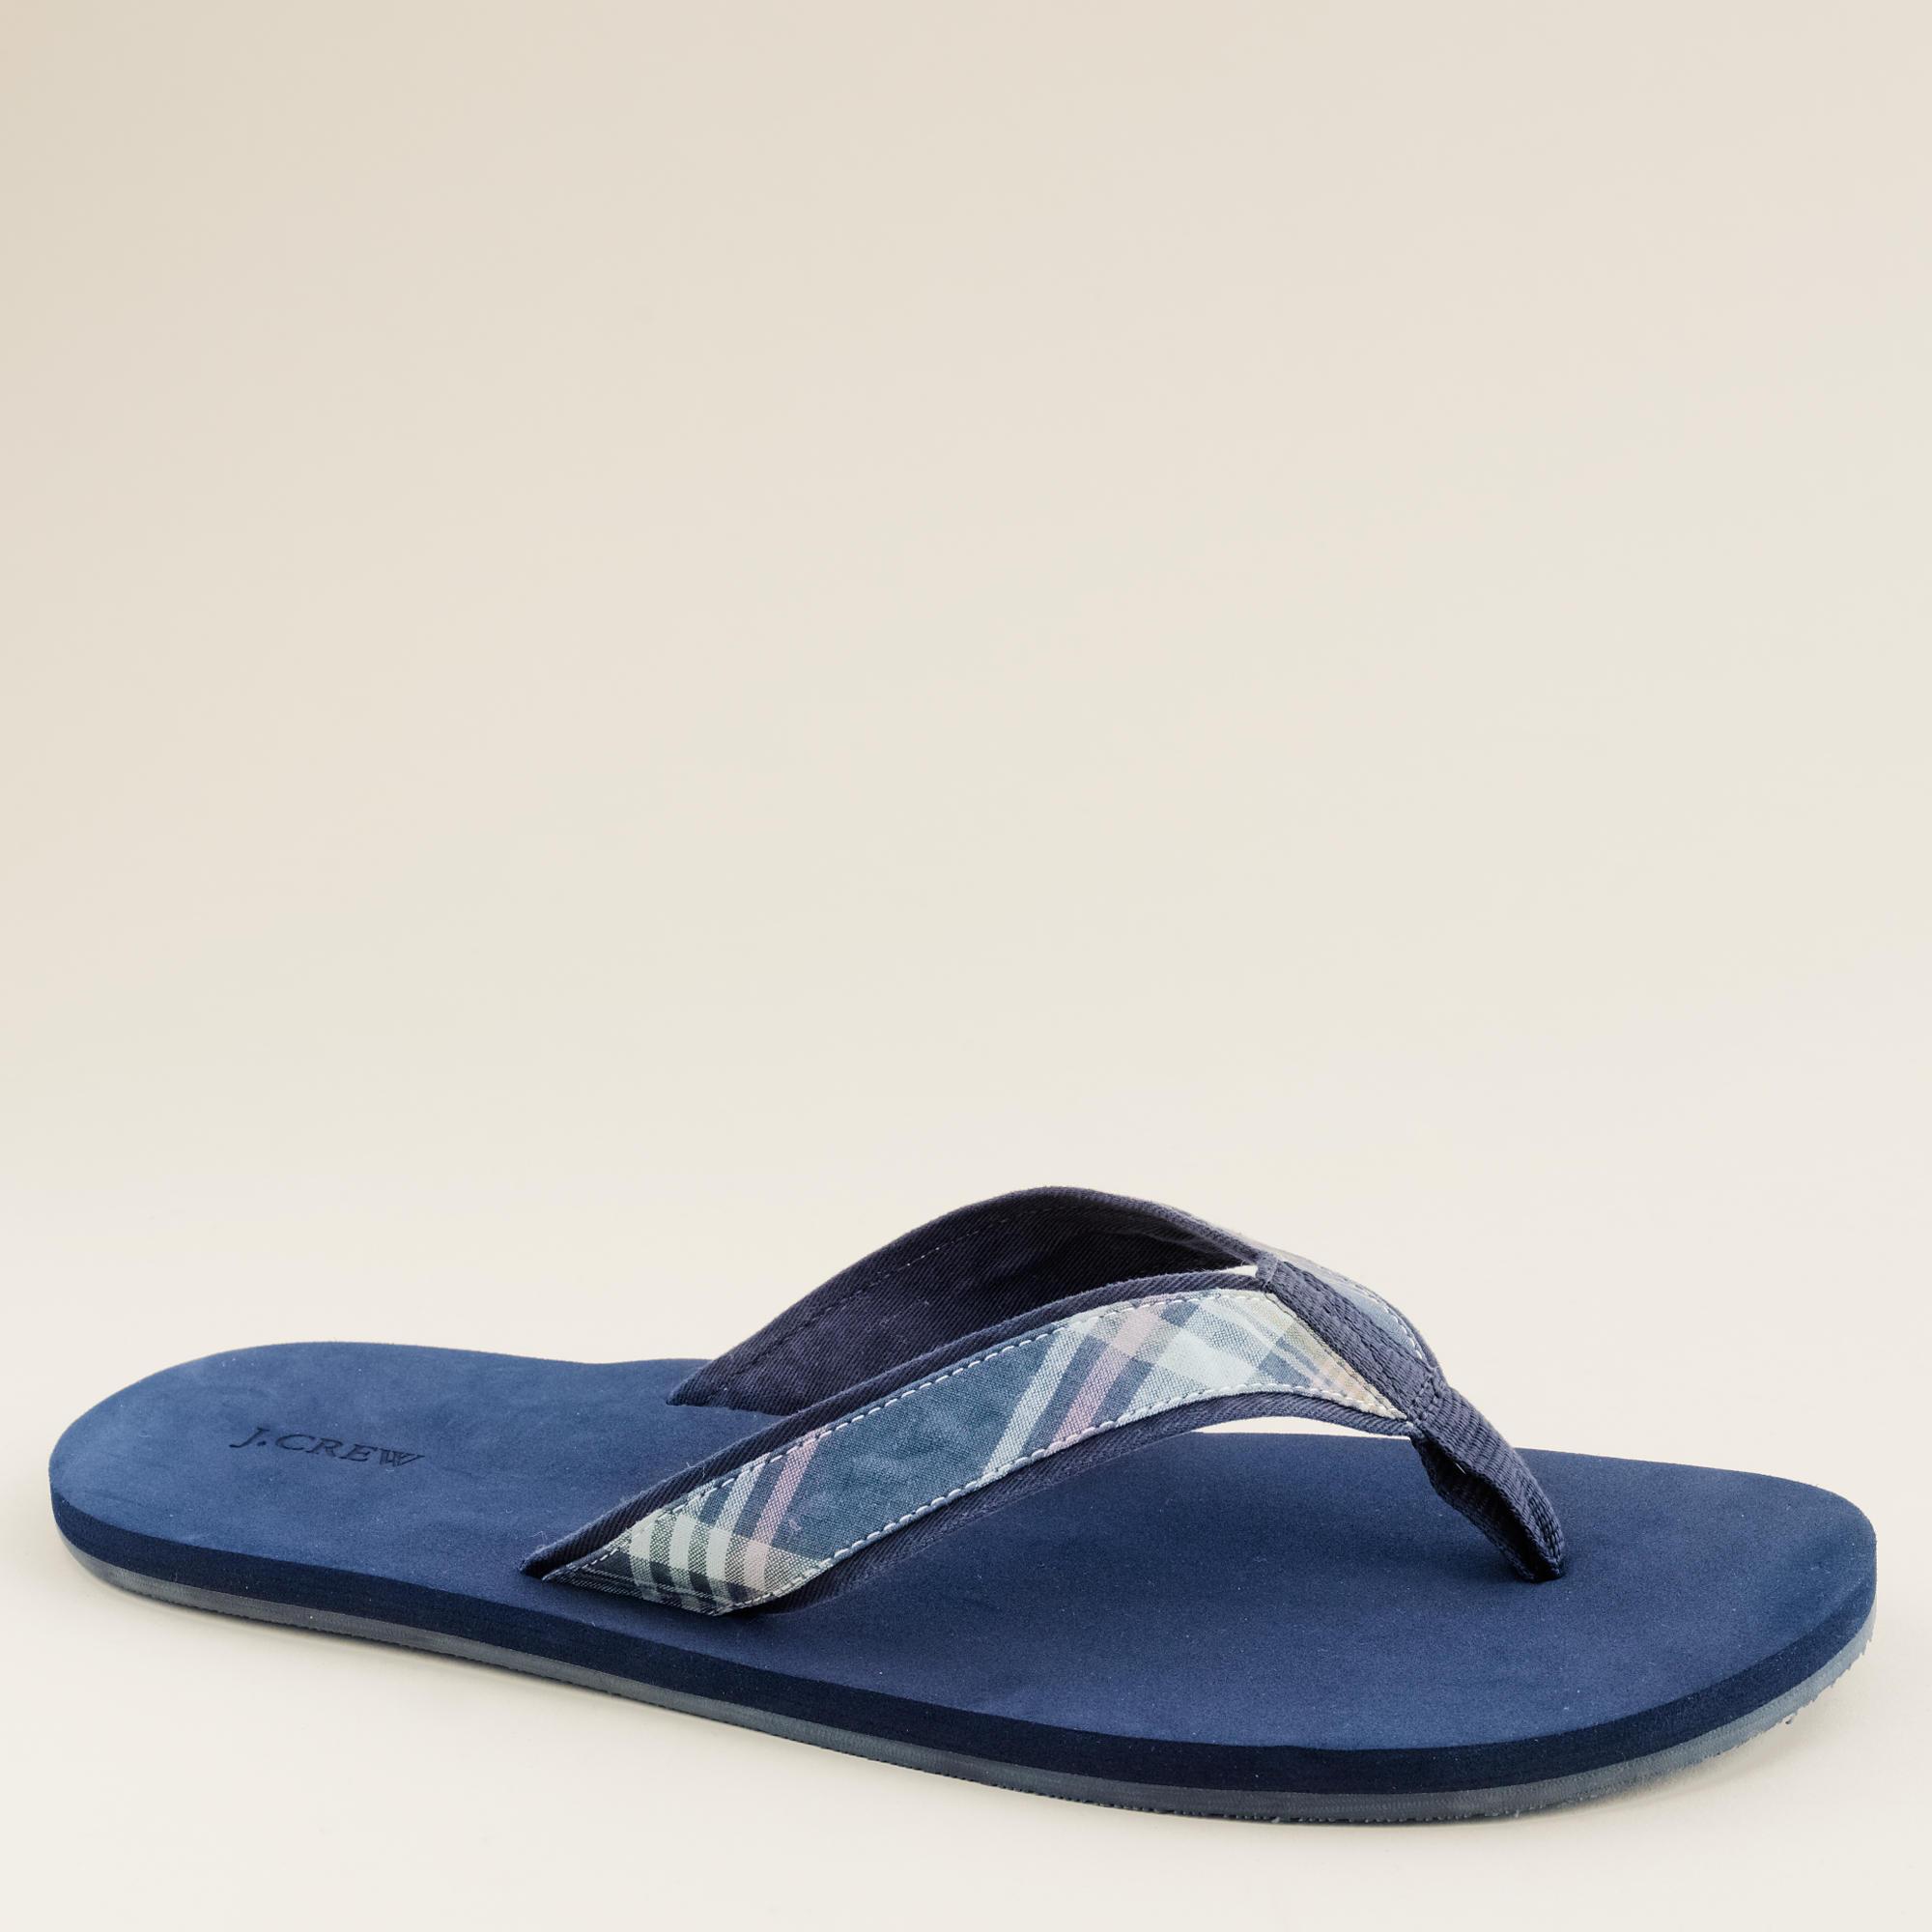 Mens Fit Flops Shoes